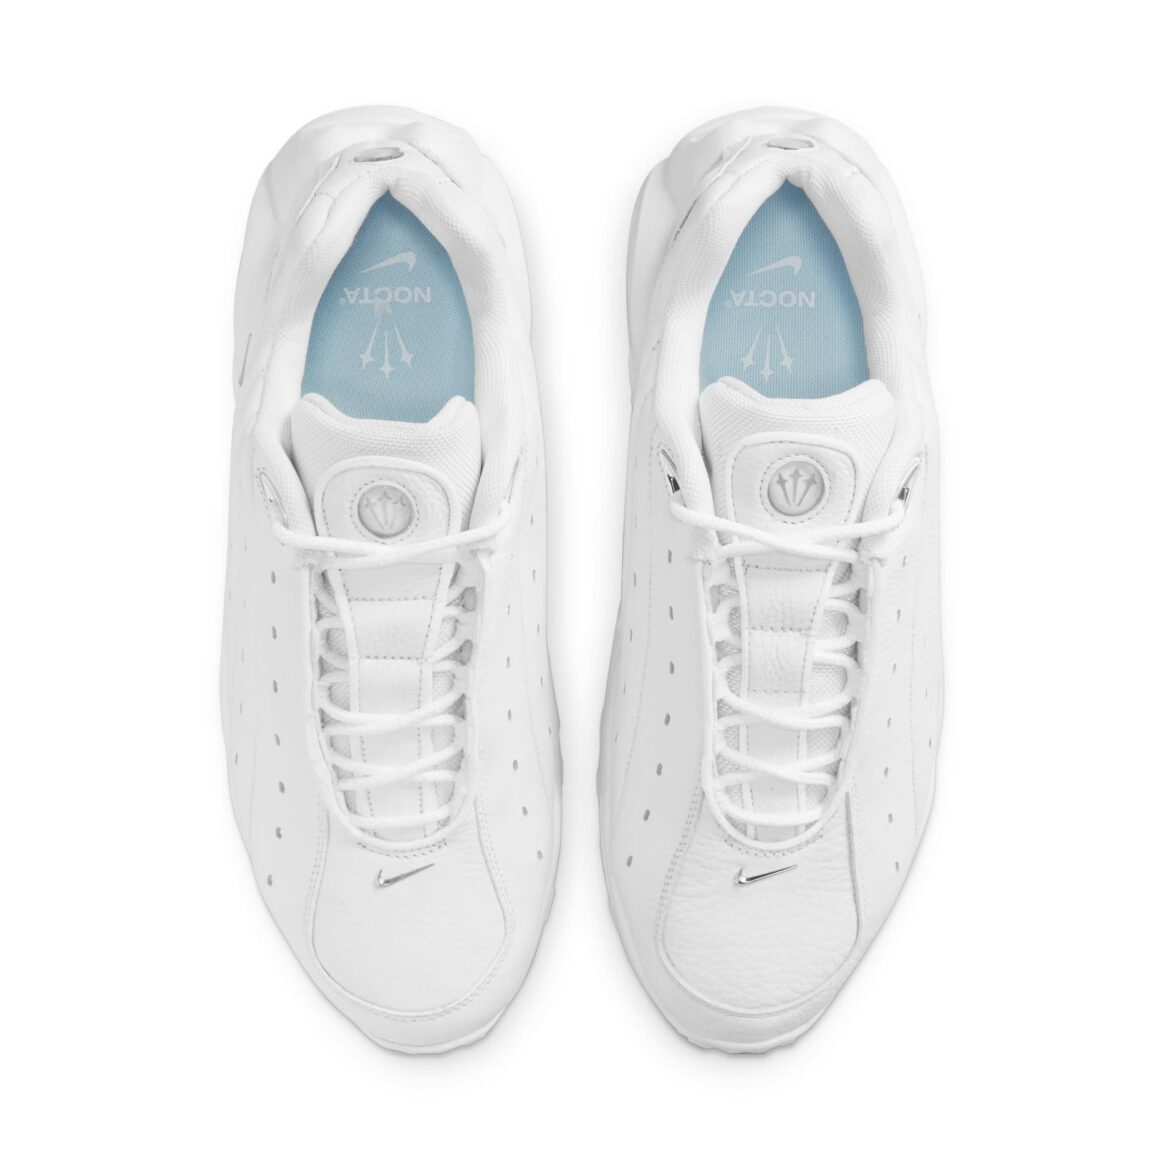 Drake x Nike Nocta Hot Step Air Terra DH4692-100 White Top